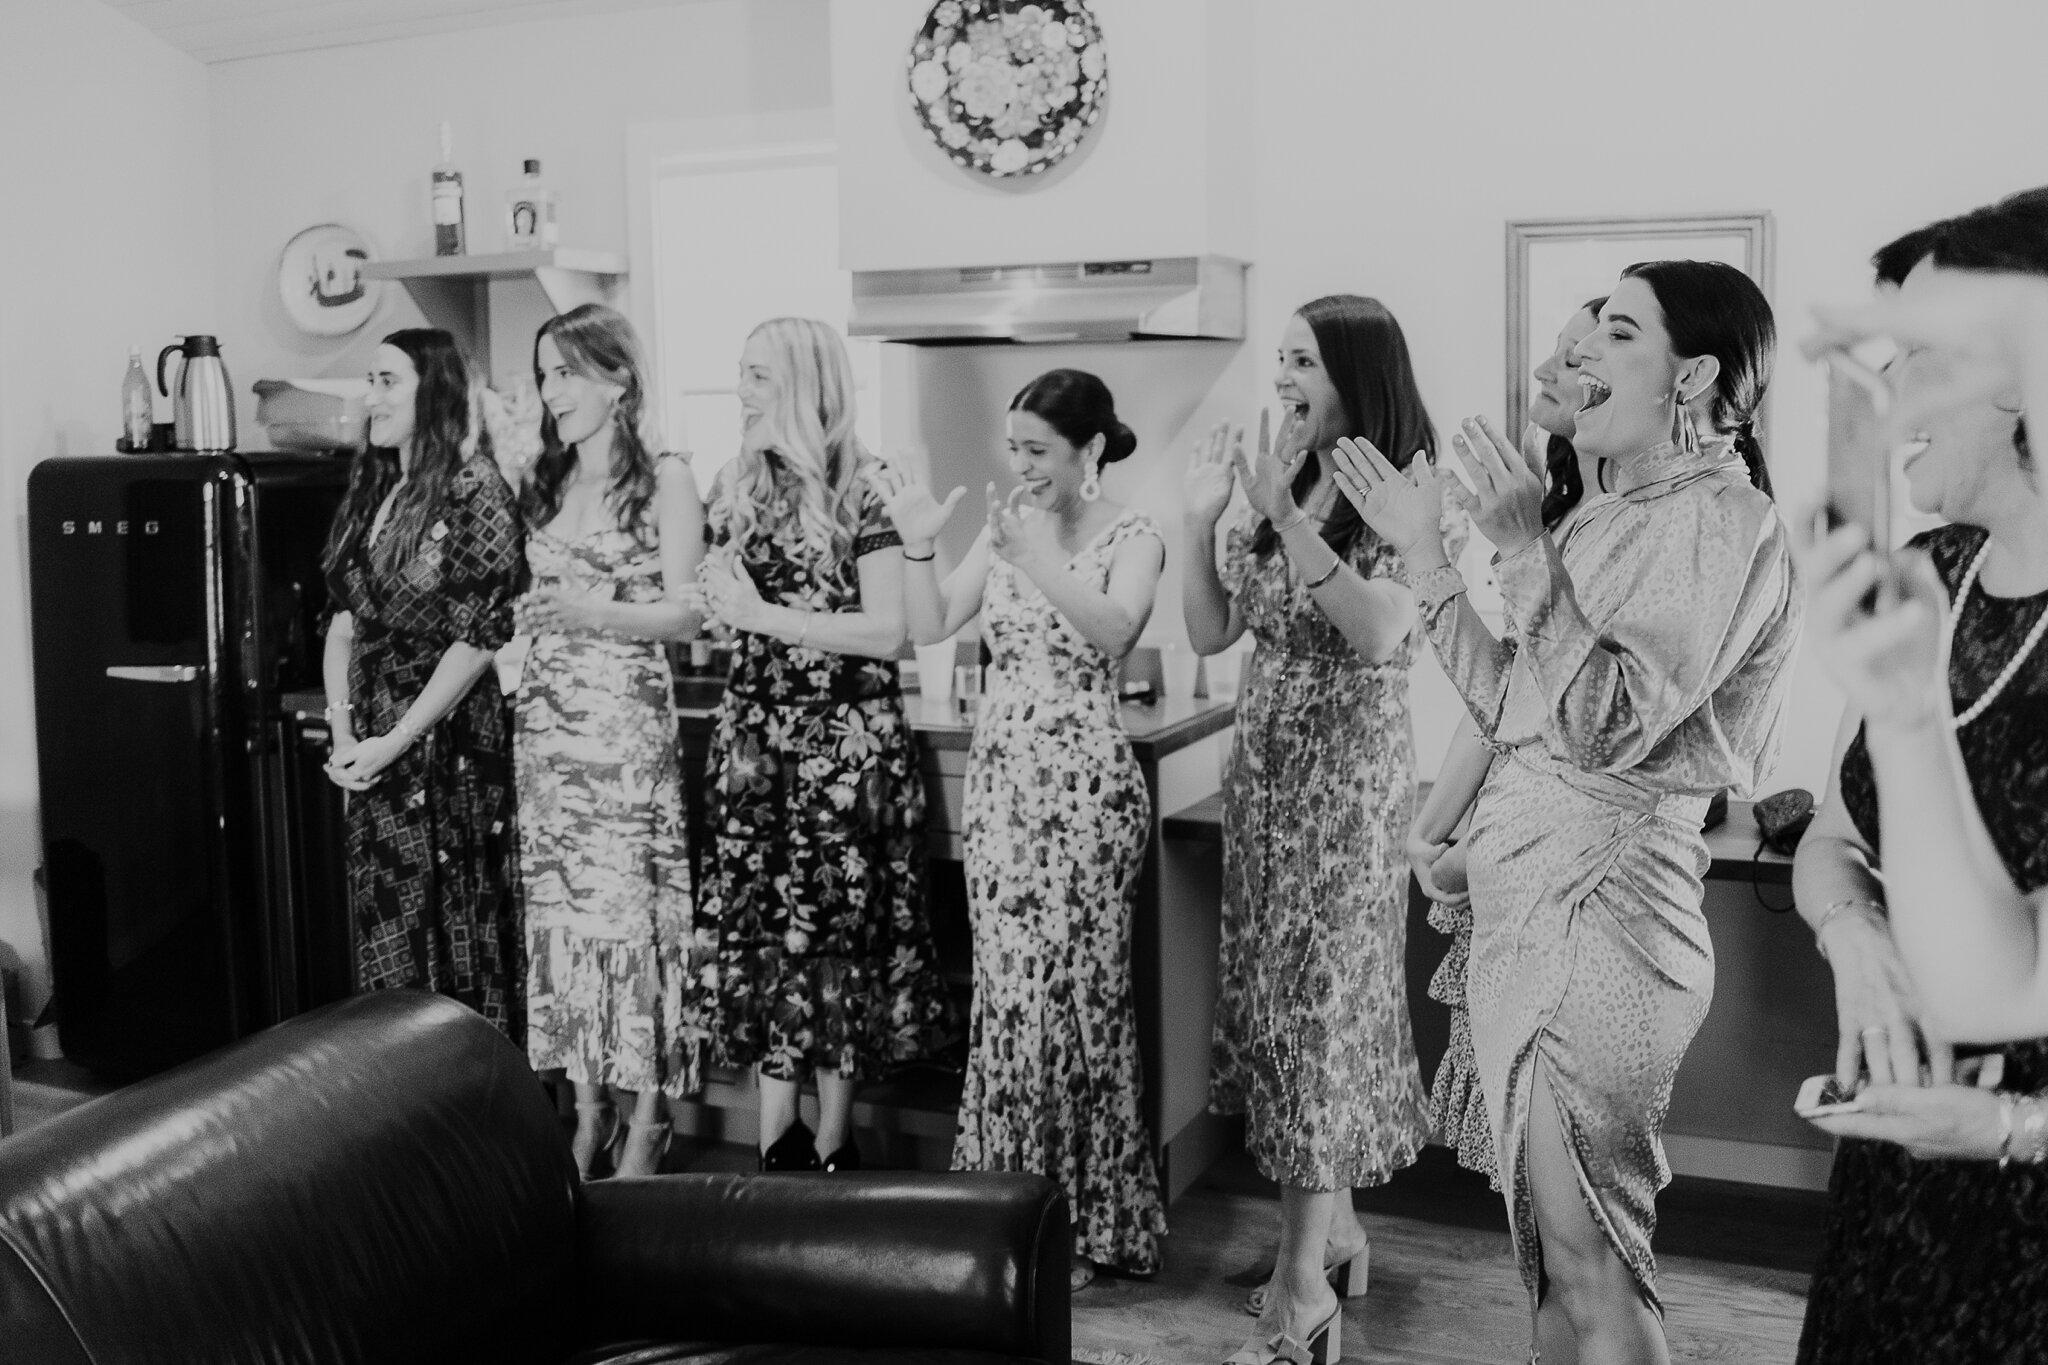 Alicia+lucia+photography+-+albuquerque+wedding+photographer+-+santa+fe+wedding+photography+-+new+mexico+wedding+photographer+-+new+mexico+wedding+-+wedding+-+albuquerque+wedding+-+los+poblanos+-+los+poblanos+wedding+-+fall+wedding_0016.jpg